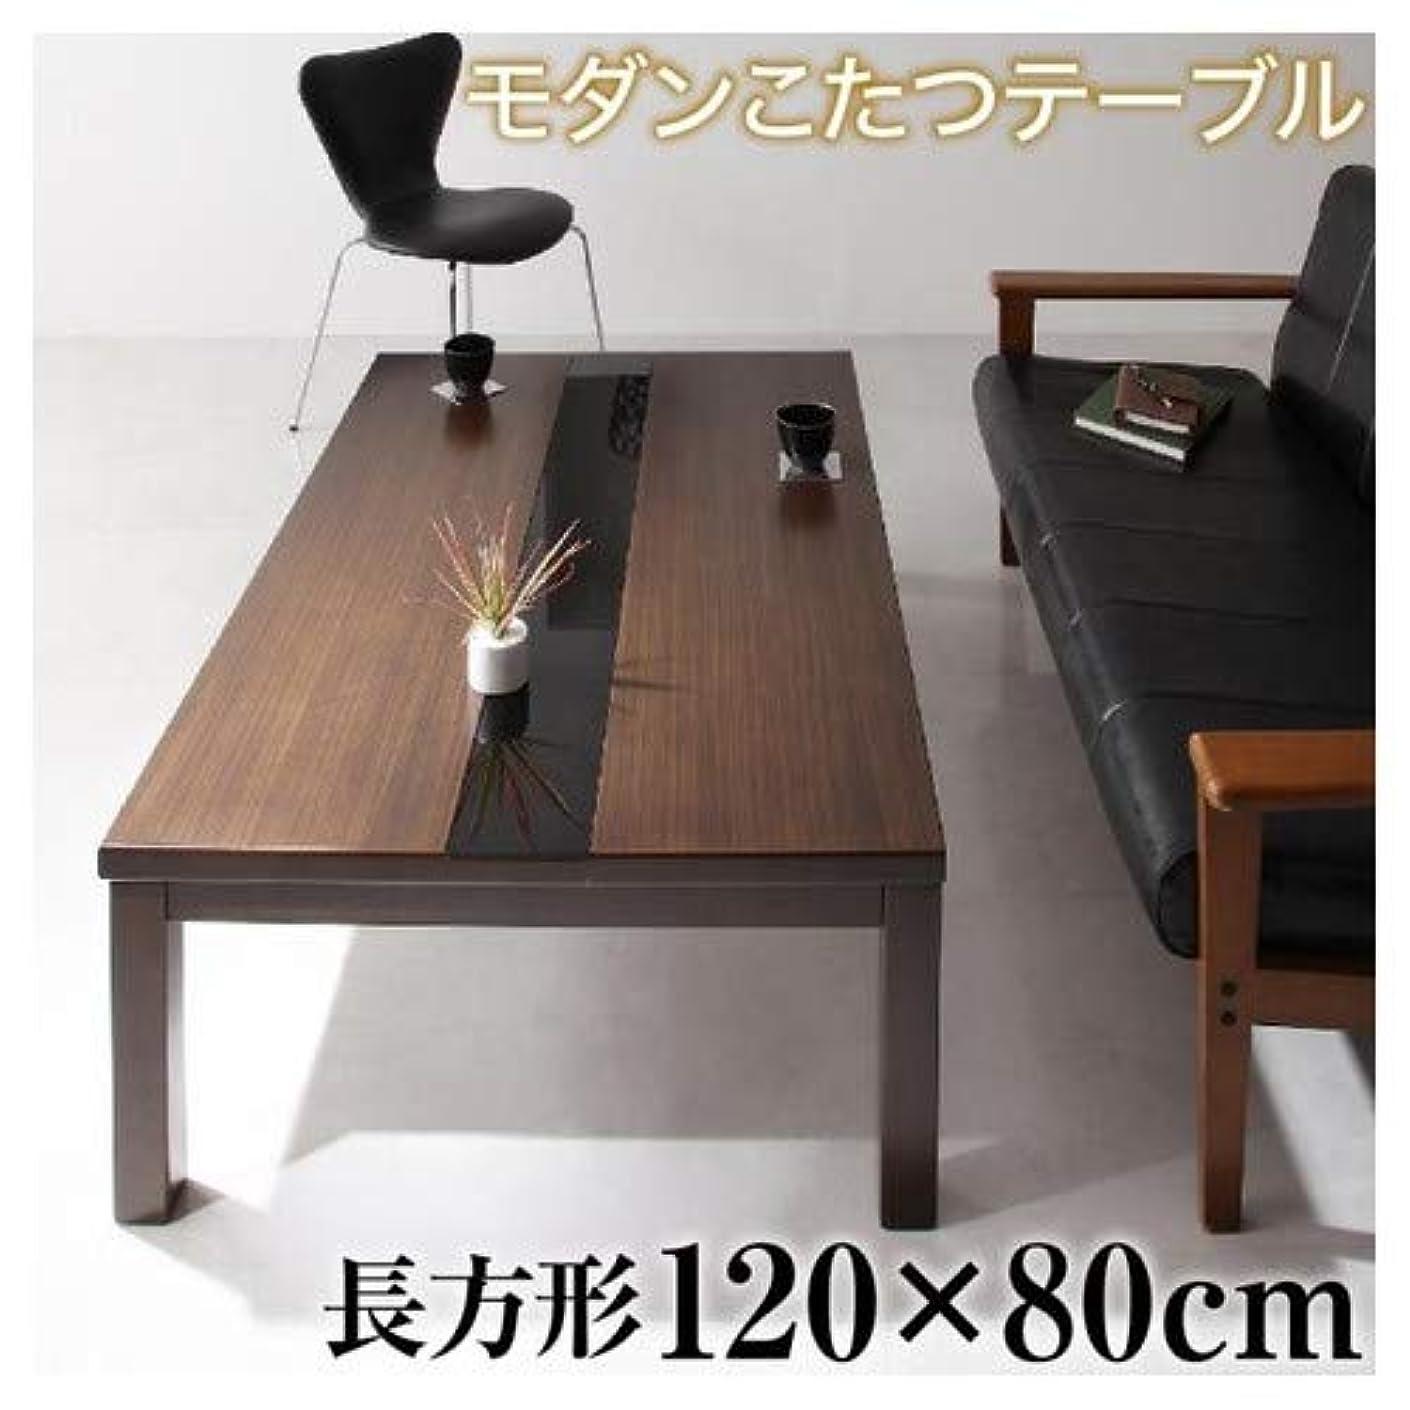 ピニオンアプト論理アーバンモダンデザインこたつテーブル GWILT グウィルト/長方形(120×80) ブラック